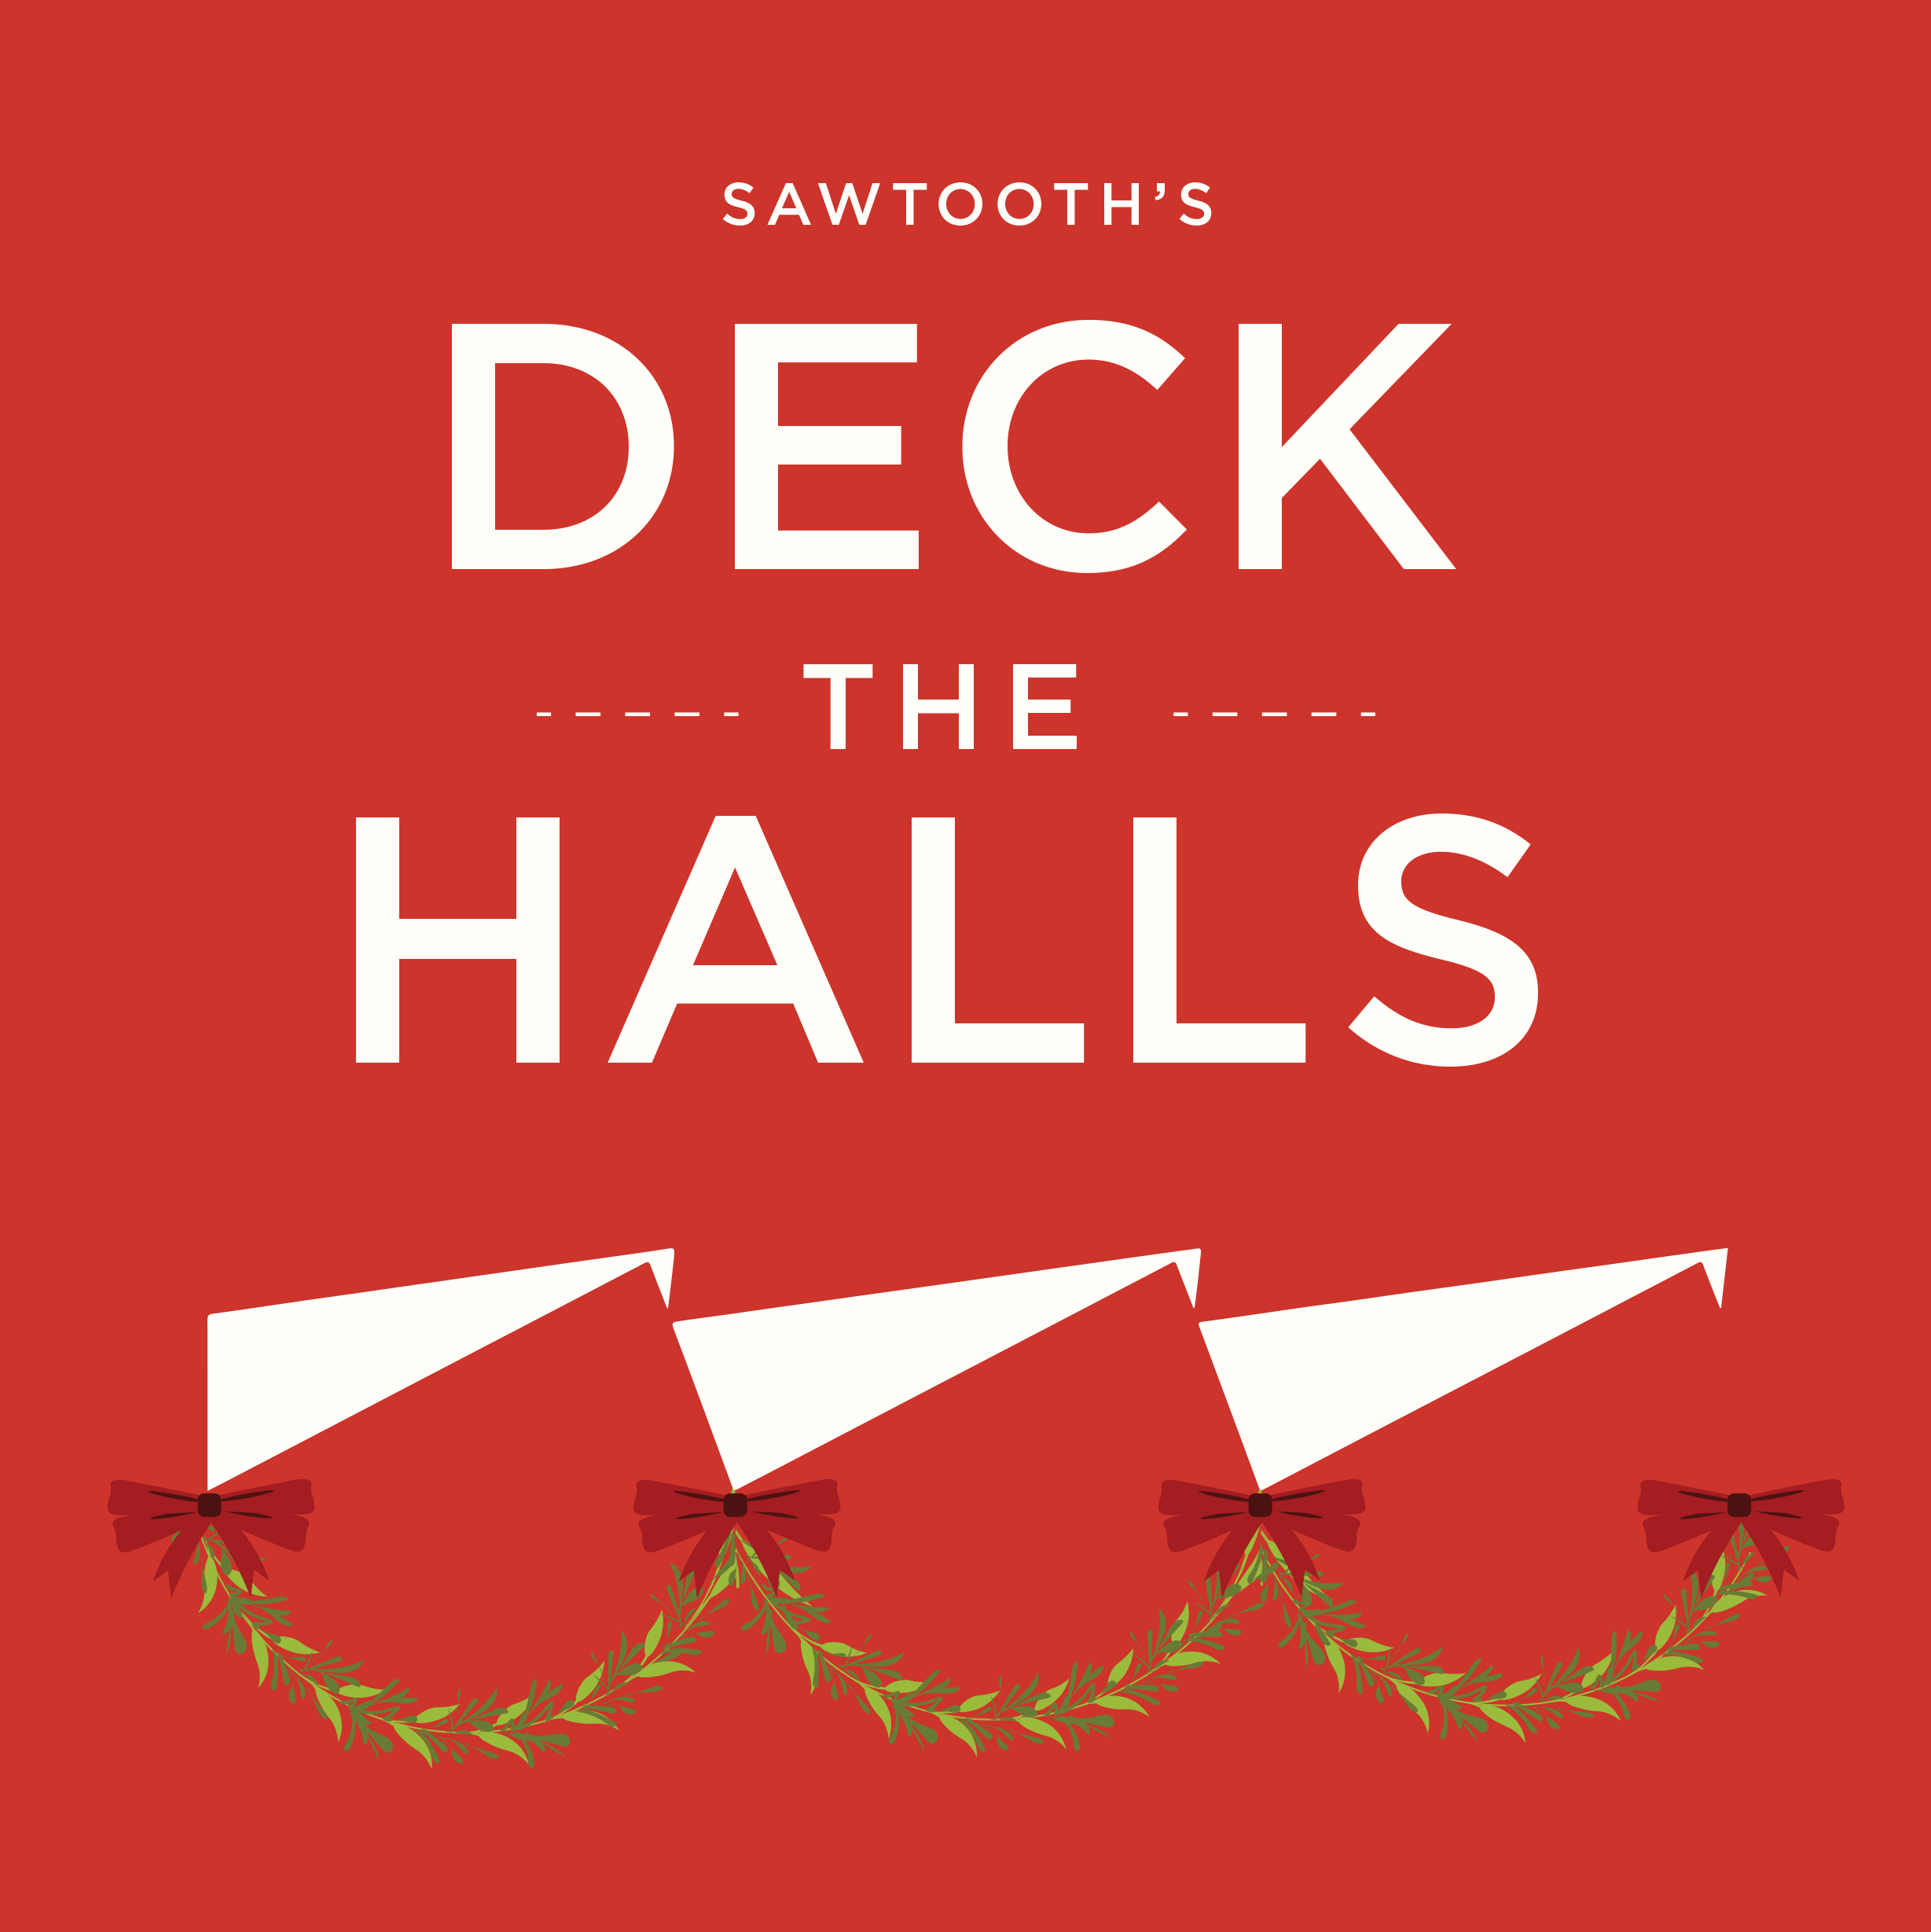 Shop Deck the Halls!